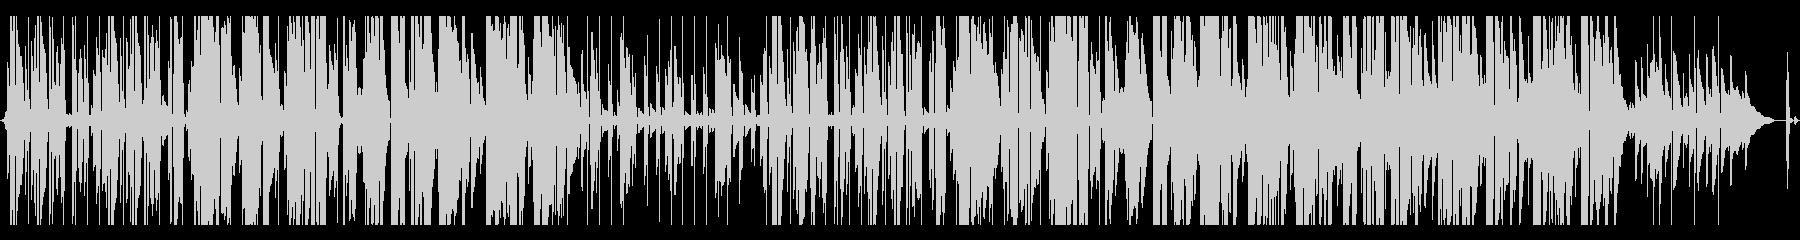 切ない弾き語りバラードの未再生の波形